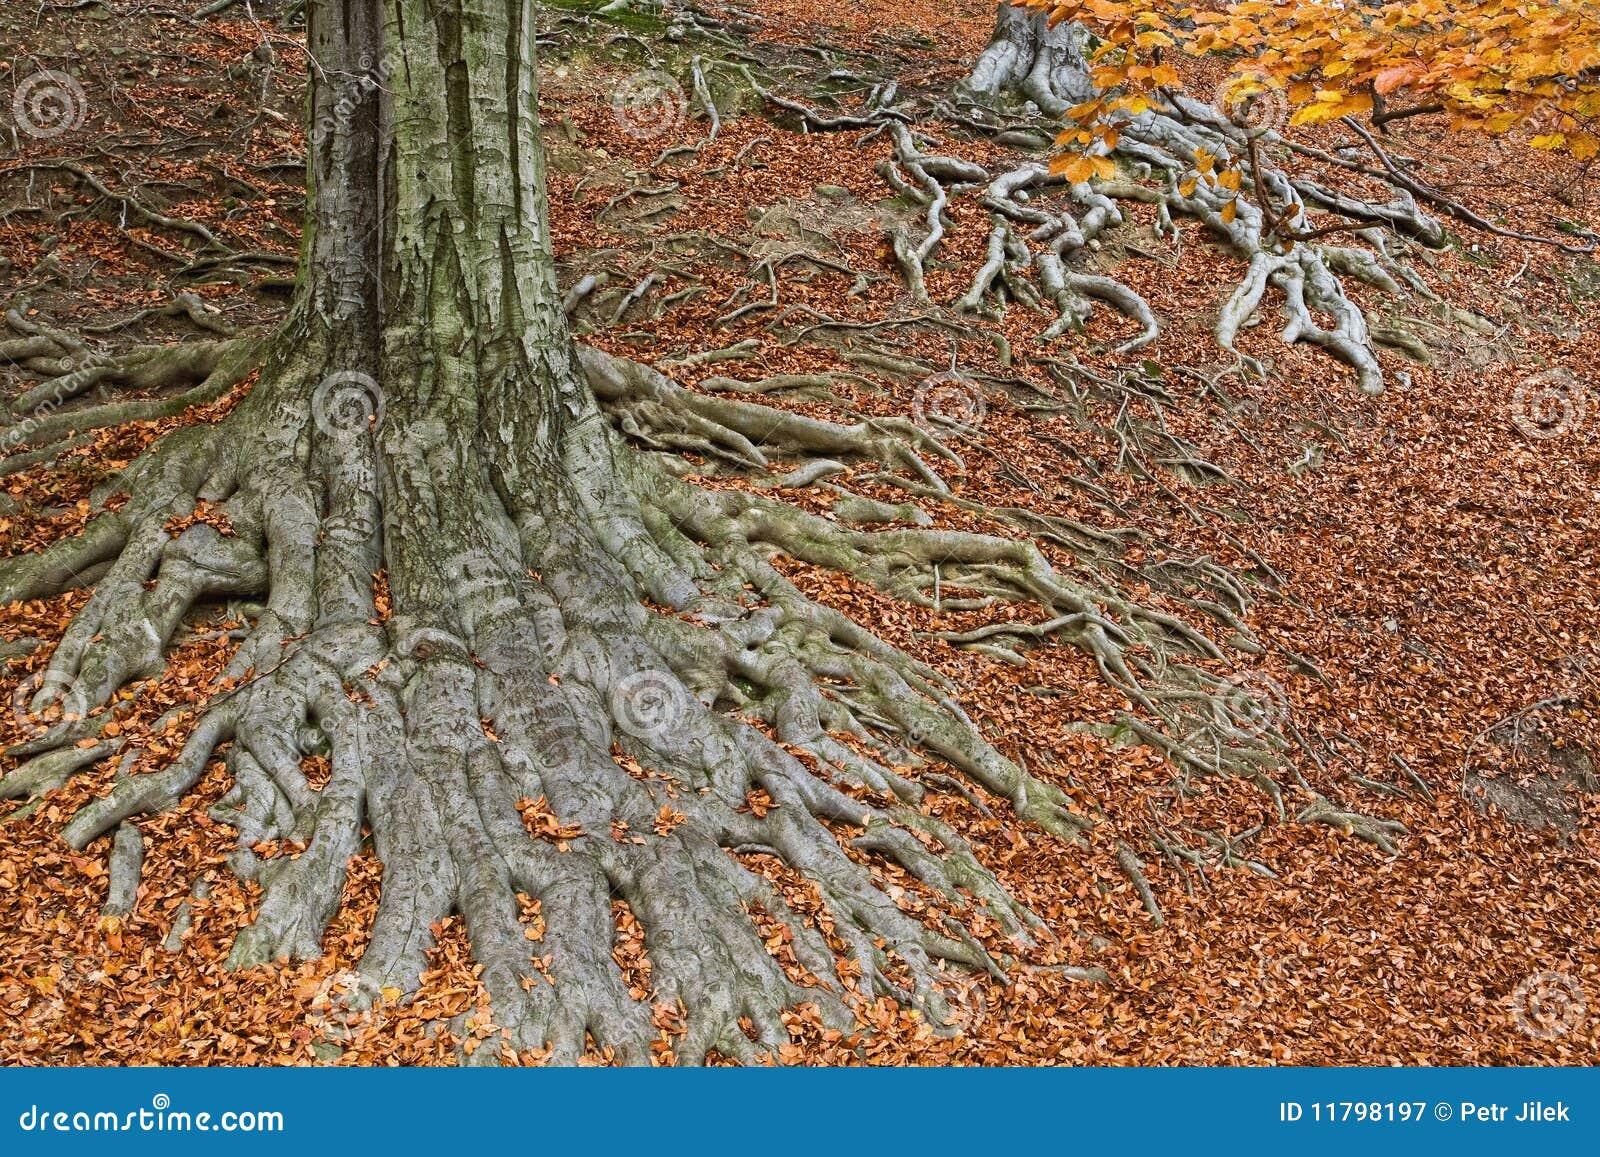 fonds d 39 un arbre dans des couleurs d 39 automne image stock image du accroissement stationnement. Black Bedroom Furniture Sets. Home Design Ideas